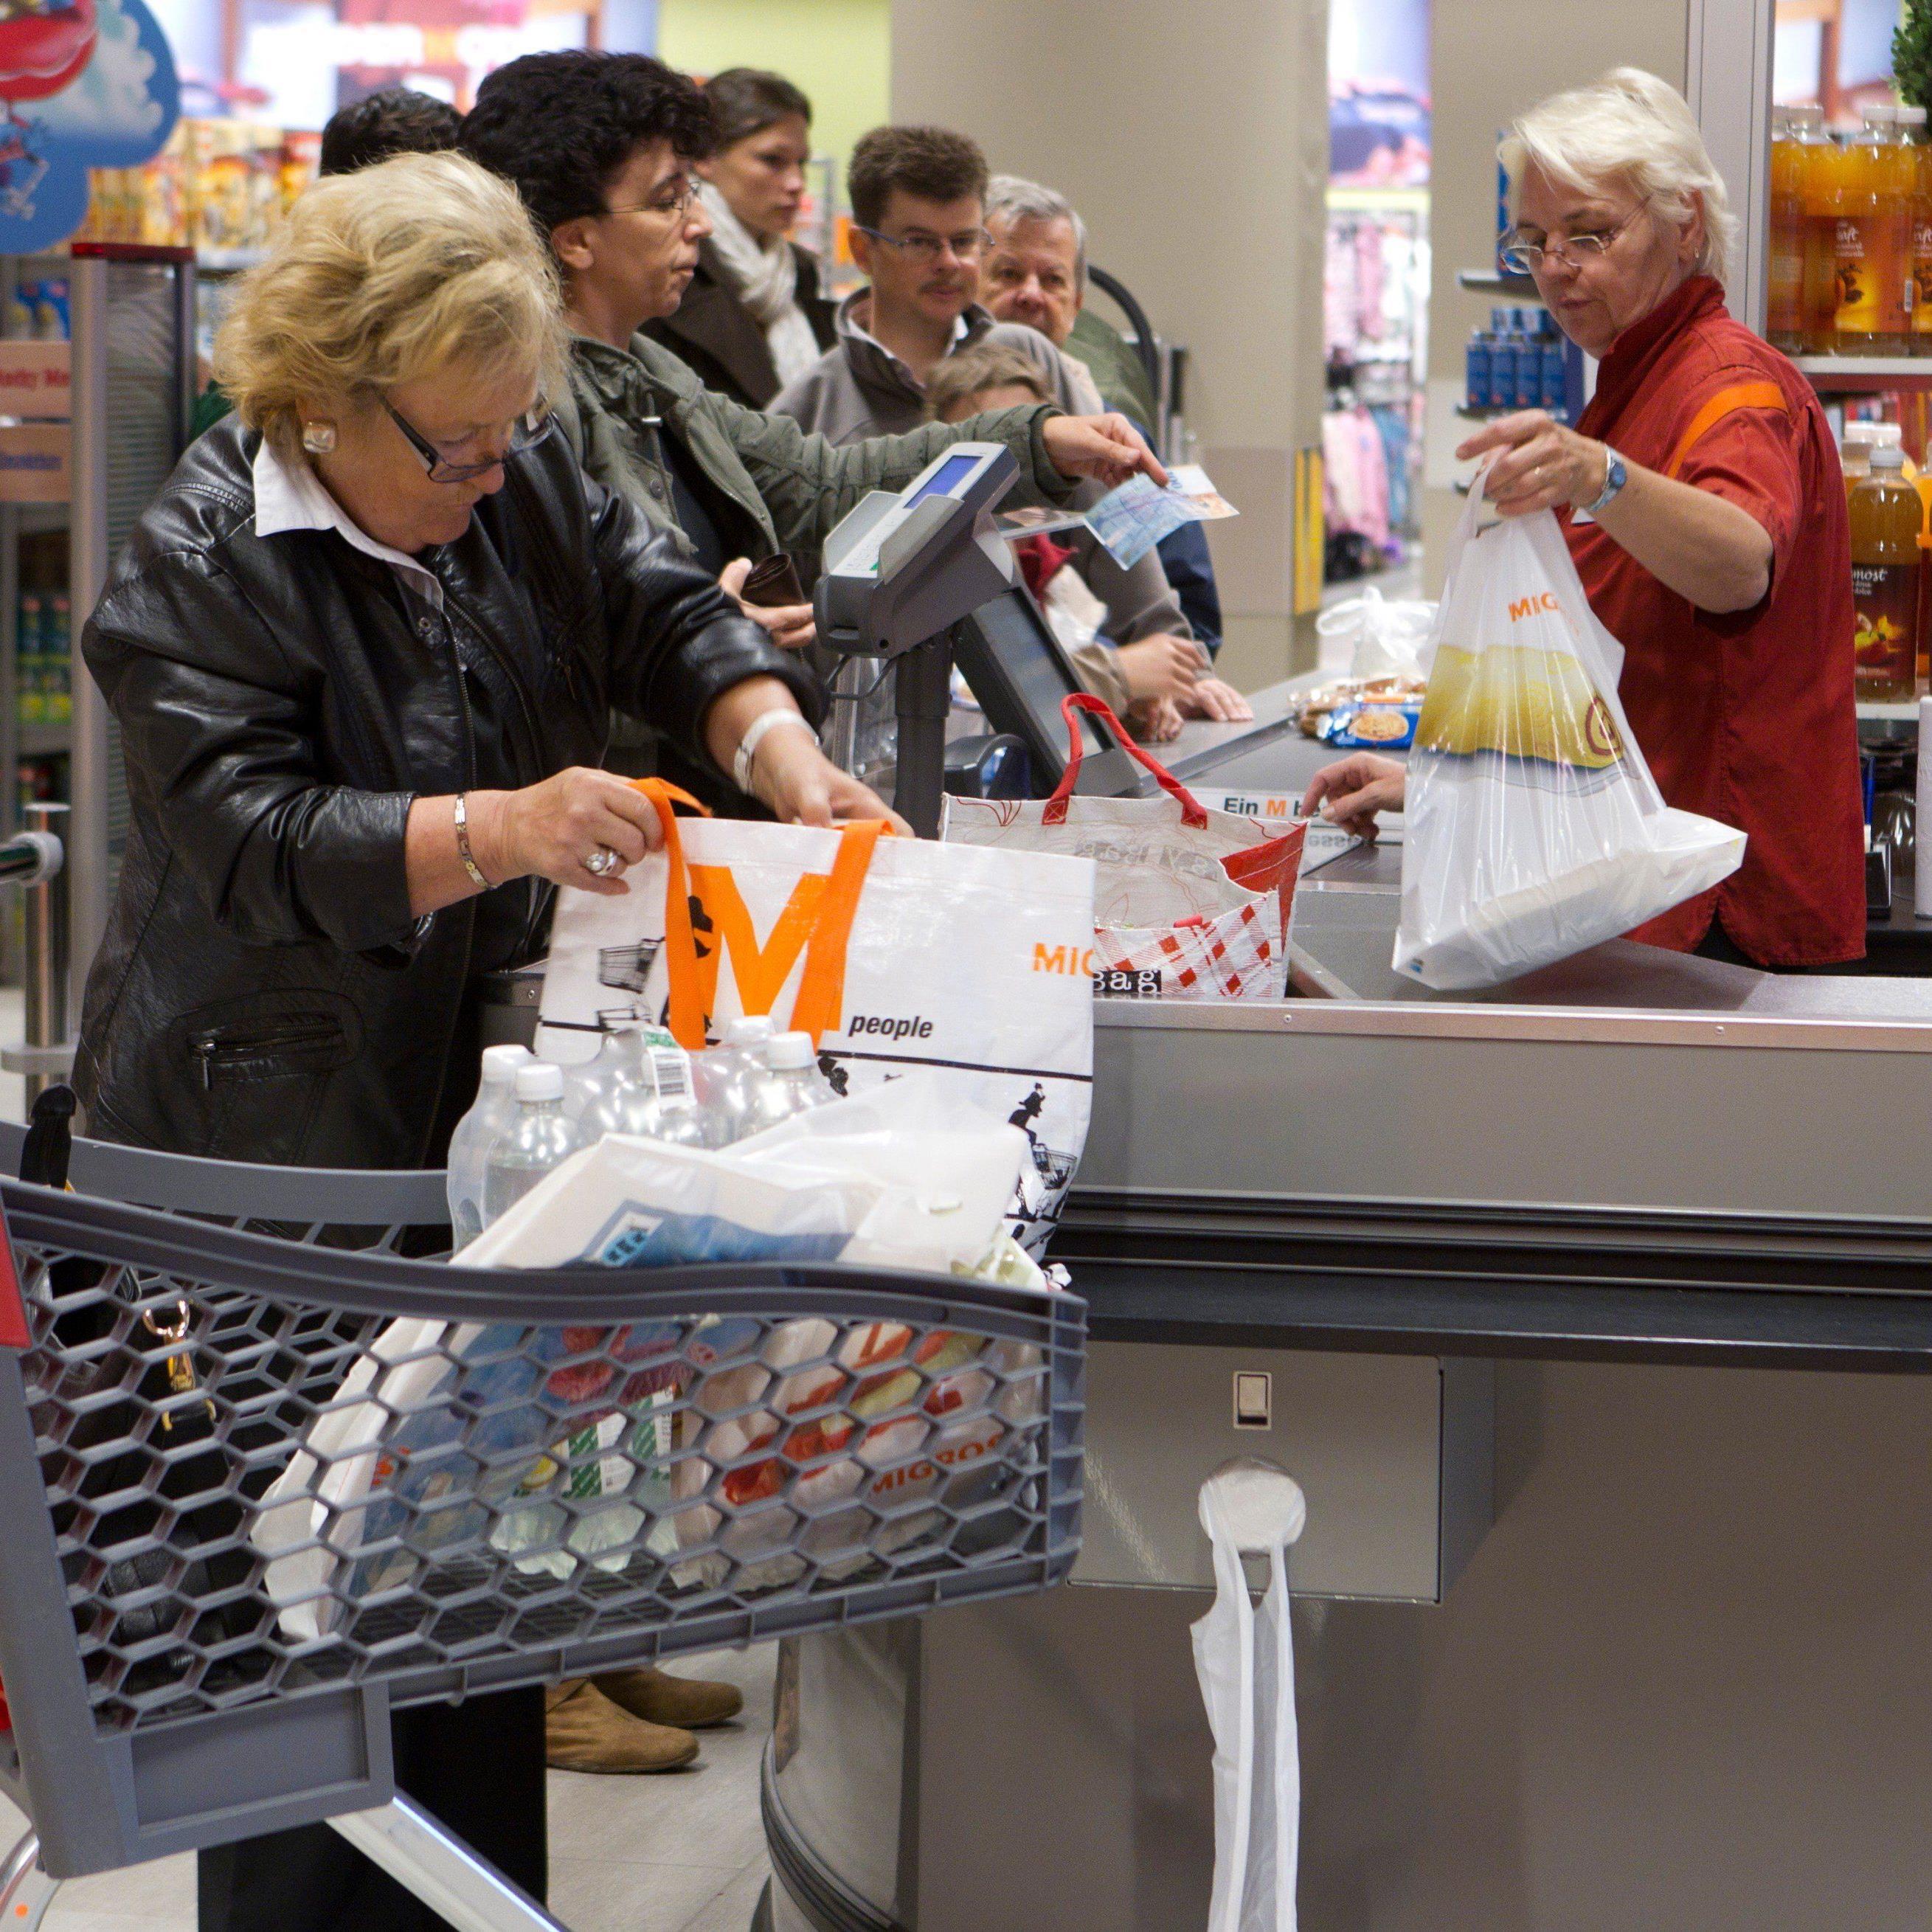 Längere Ladenöffnungszeiten in der Schweiz: An Wochentagen bis mindestens 20 Uhr, samstags bis 18 Uhr